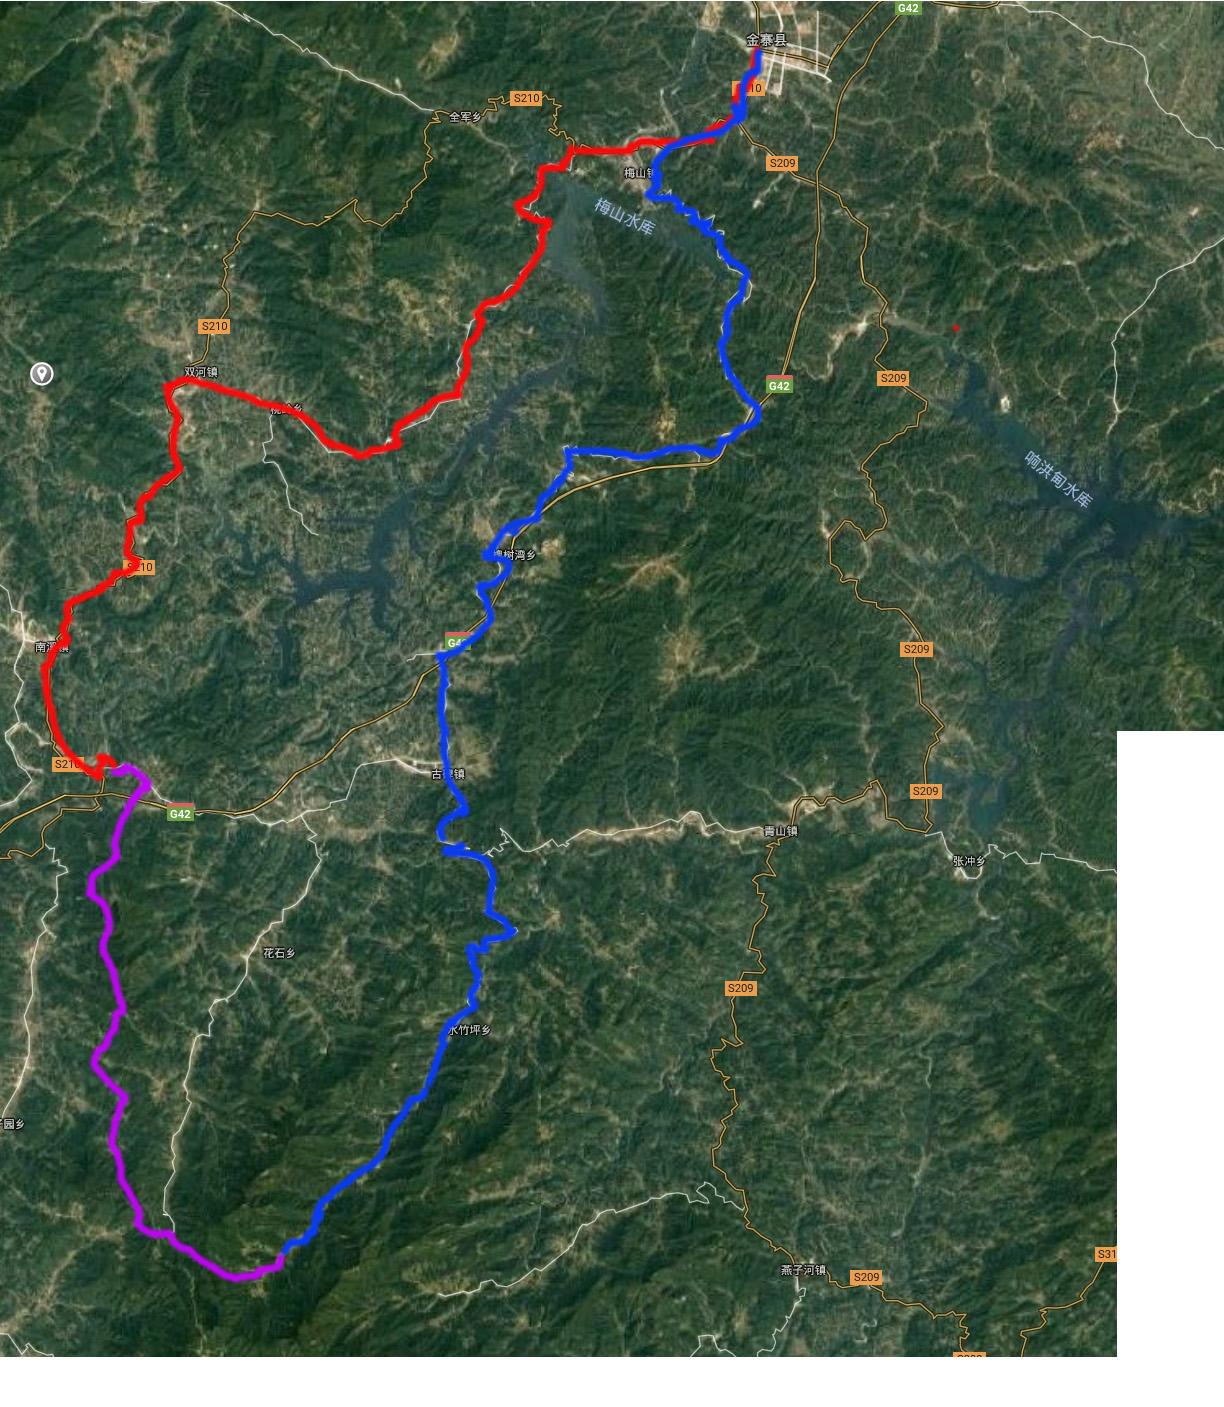 骑行路段线路图.jpg